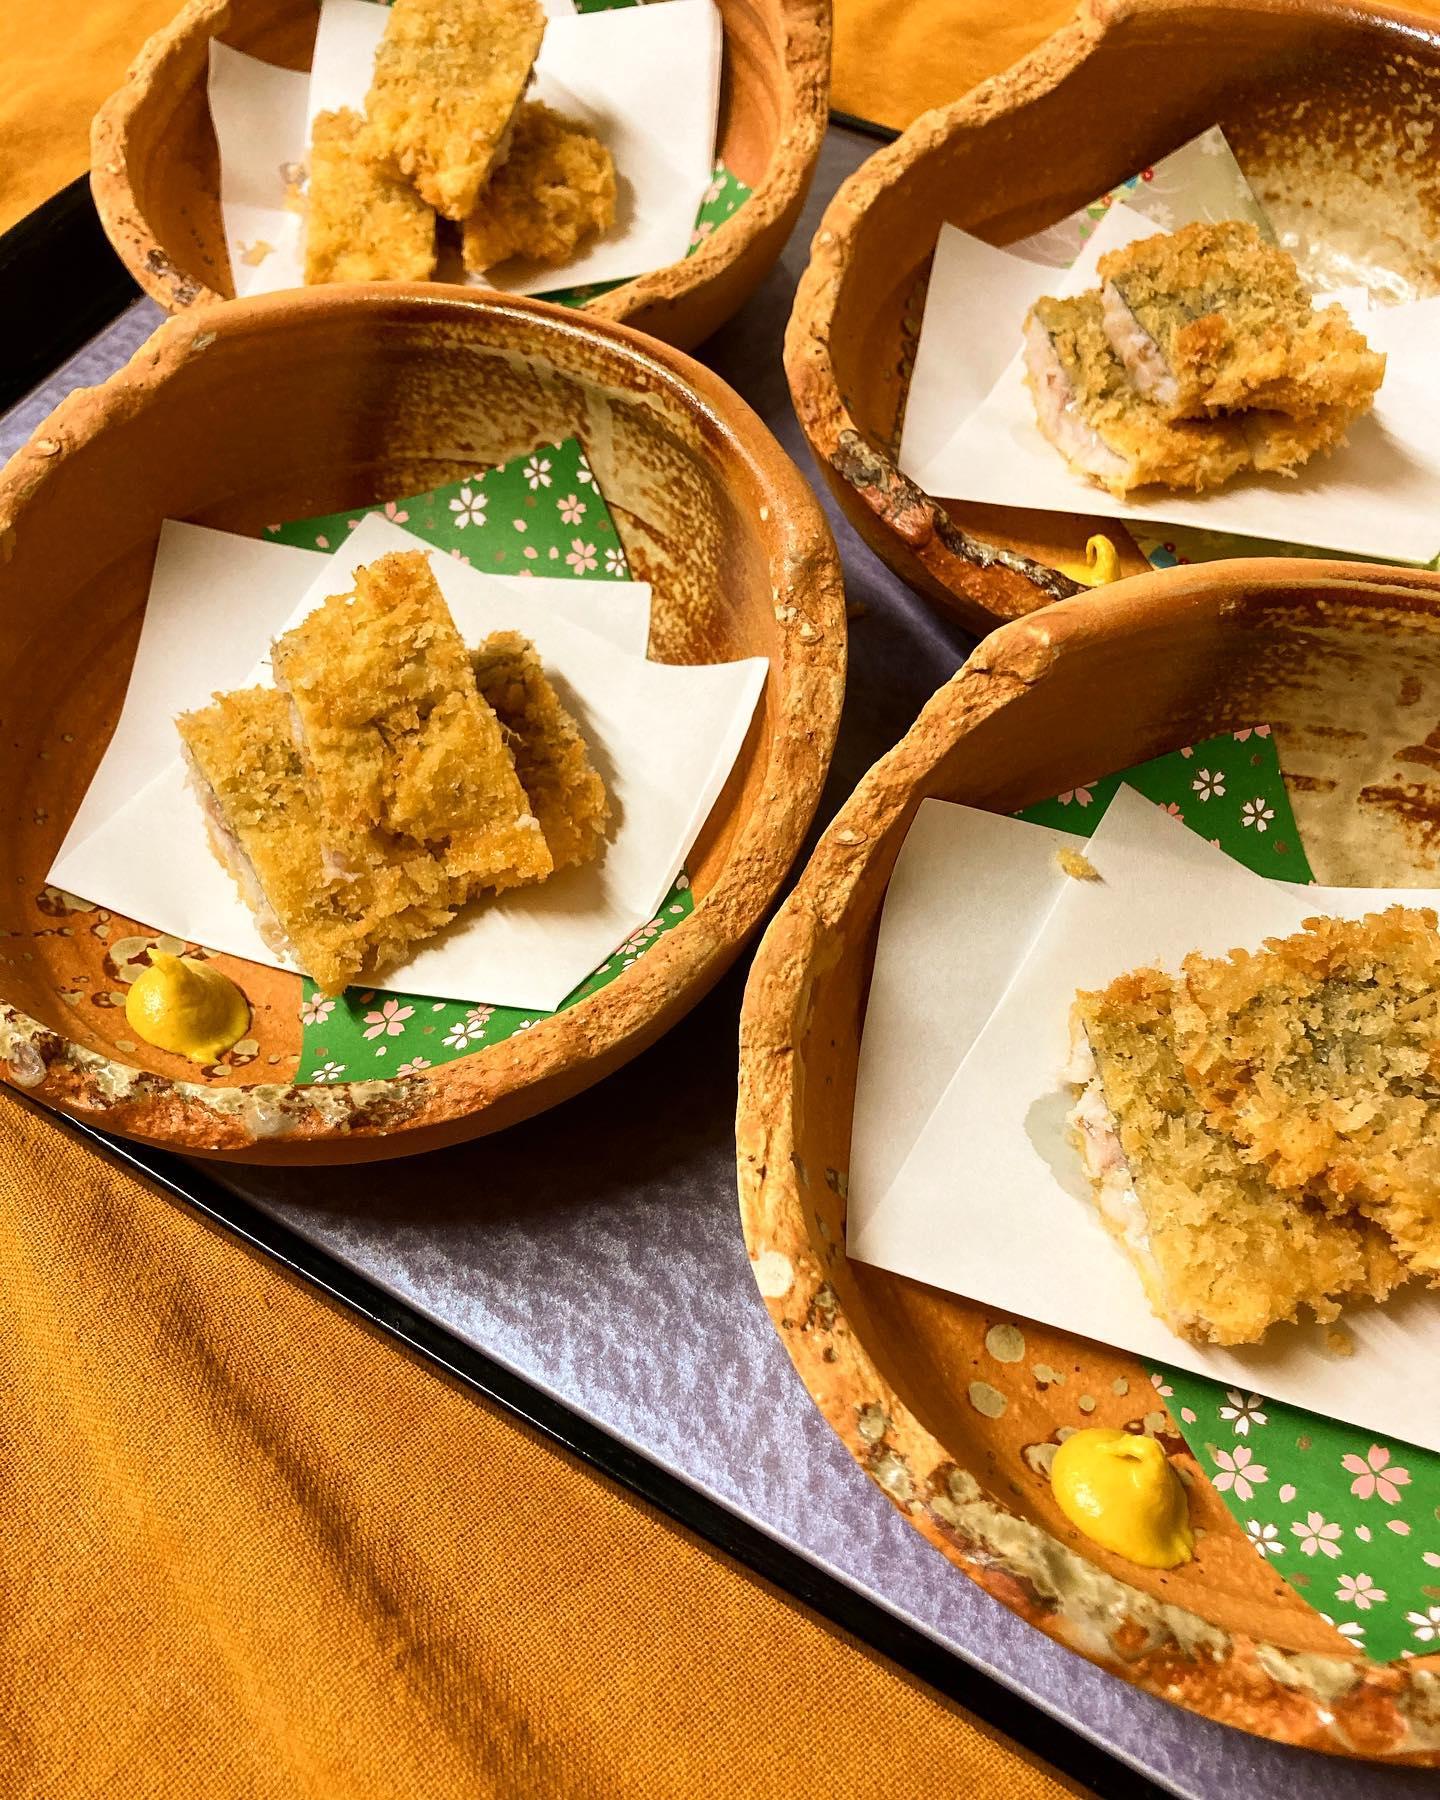 [おはしどころ菜でしこ] 〜美味しいアジフライの作り方〜   ・アジは卸したら小骨を抜き  リードペーパーで水分を拭き取る  (生臭みが抜けます)   ・アジ1匹に対し小さじ1杯ほどの料理酒に  10分ほど漬ける  (臭みが取れ、ふんわり仕上がります)    ・酒を拭き取り  塩コショウで下味を付ける  (魚の旨味が引き立ちます)   ・小麦粉→卵→パン粉で衣を付ける  (小麦粉はしっかりはたいて薄く付け  たまごはホイッパーでしっかり混ぜると  パン粉がきれいに付きます)    ・生のアジは直ぐに火が入るので  油で揚げる時は長時間揚げすぎない  (揚げすぎると硬くなります)    お店では自家製梅タルタルと ウスターソースで召しあがって いただいています   梅タルタルのレシピは過去の動画に有るので、 お時間あればそちらも合わせて 作ってみてくださいねー   【埼玉県本庄駅徒歩30秒】 【月曜日定休】 【17:00〜21:00】 【17:00前のご来店は予約のみで可】 【お昼の和食コース有り🥢】 【インスタのメッセージ問合せ】    #本庄 #本庄和食 #本庄居酒屋 #ほんじょうテイクアウト #本庄海鮮居酒屋 #本庄一人飲み #本庄グルメ #本庄ディナー #本庄駅ディナー #本庄美味しい店 #本庄PayPay #おはしどころ菜でしこYouTube